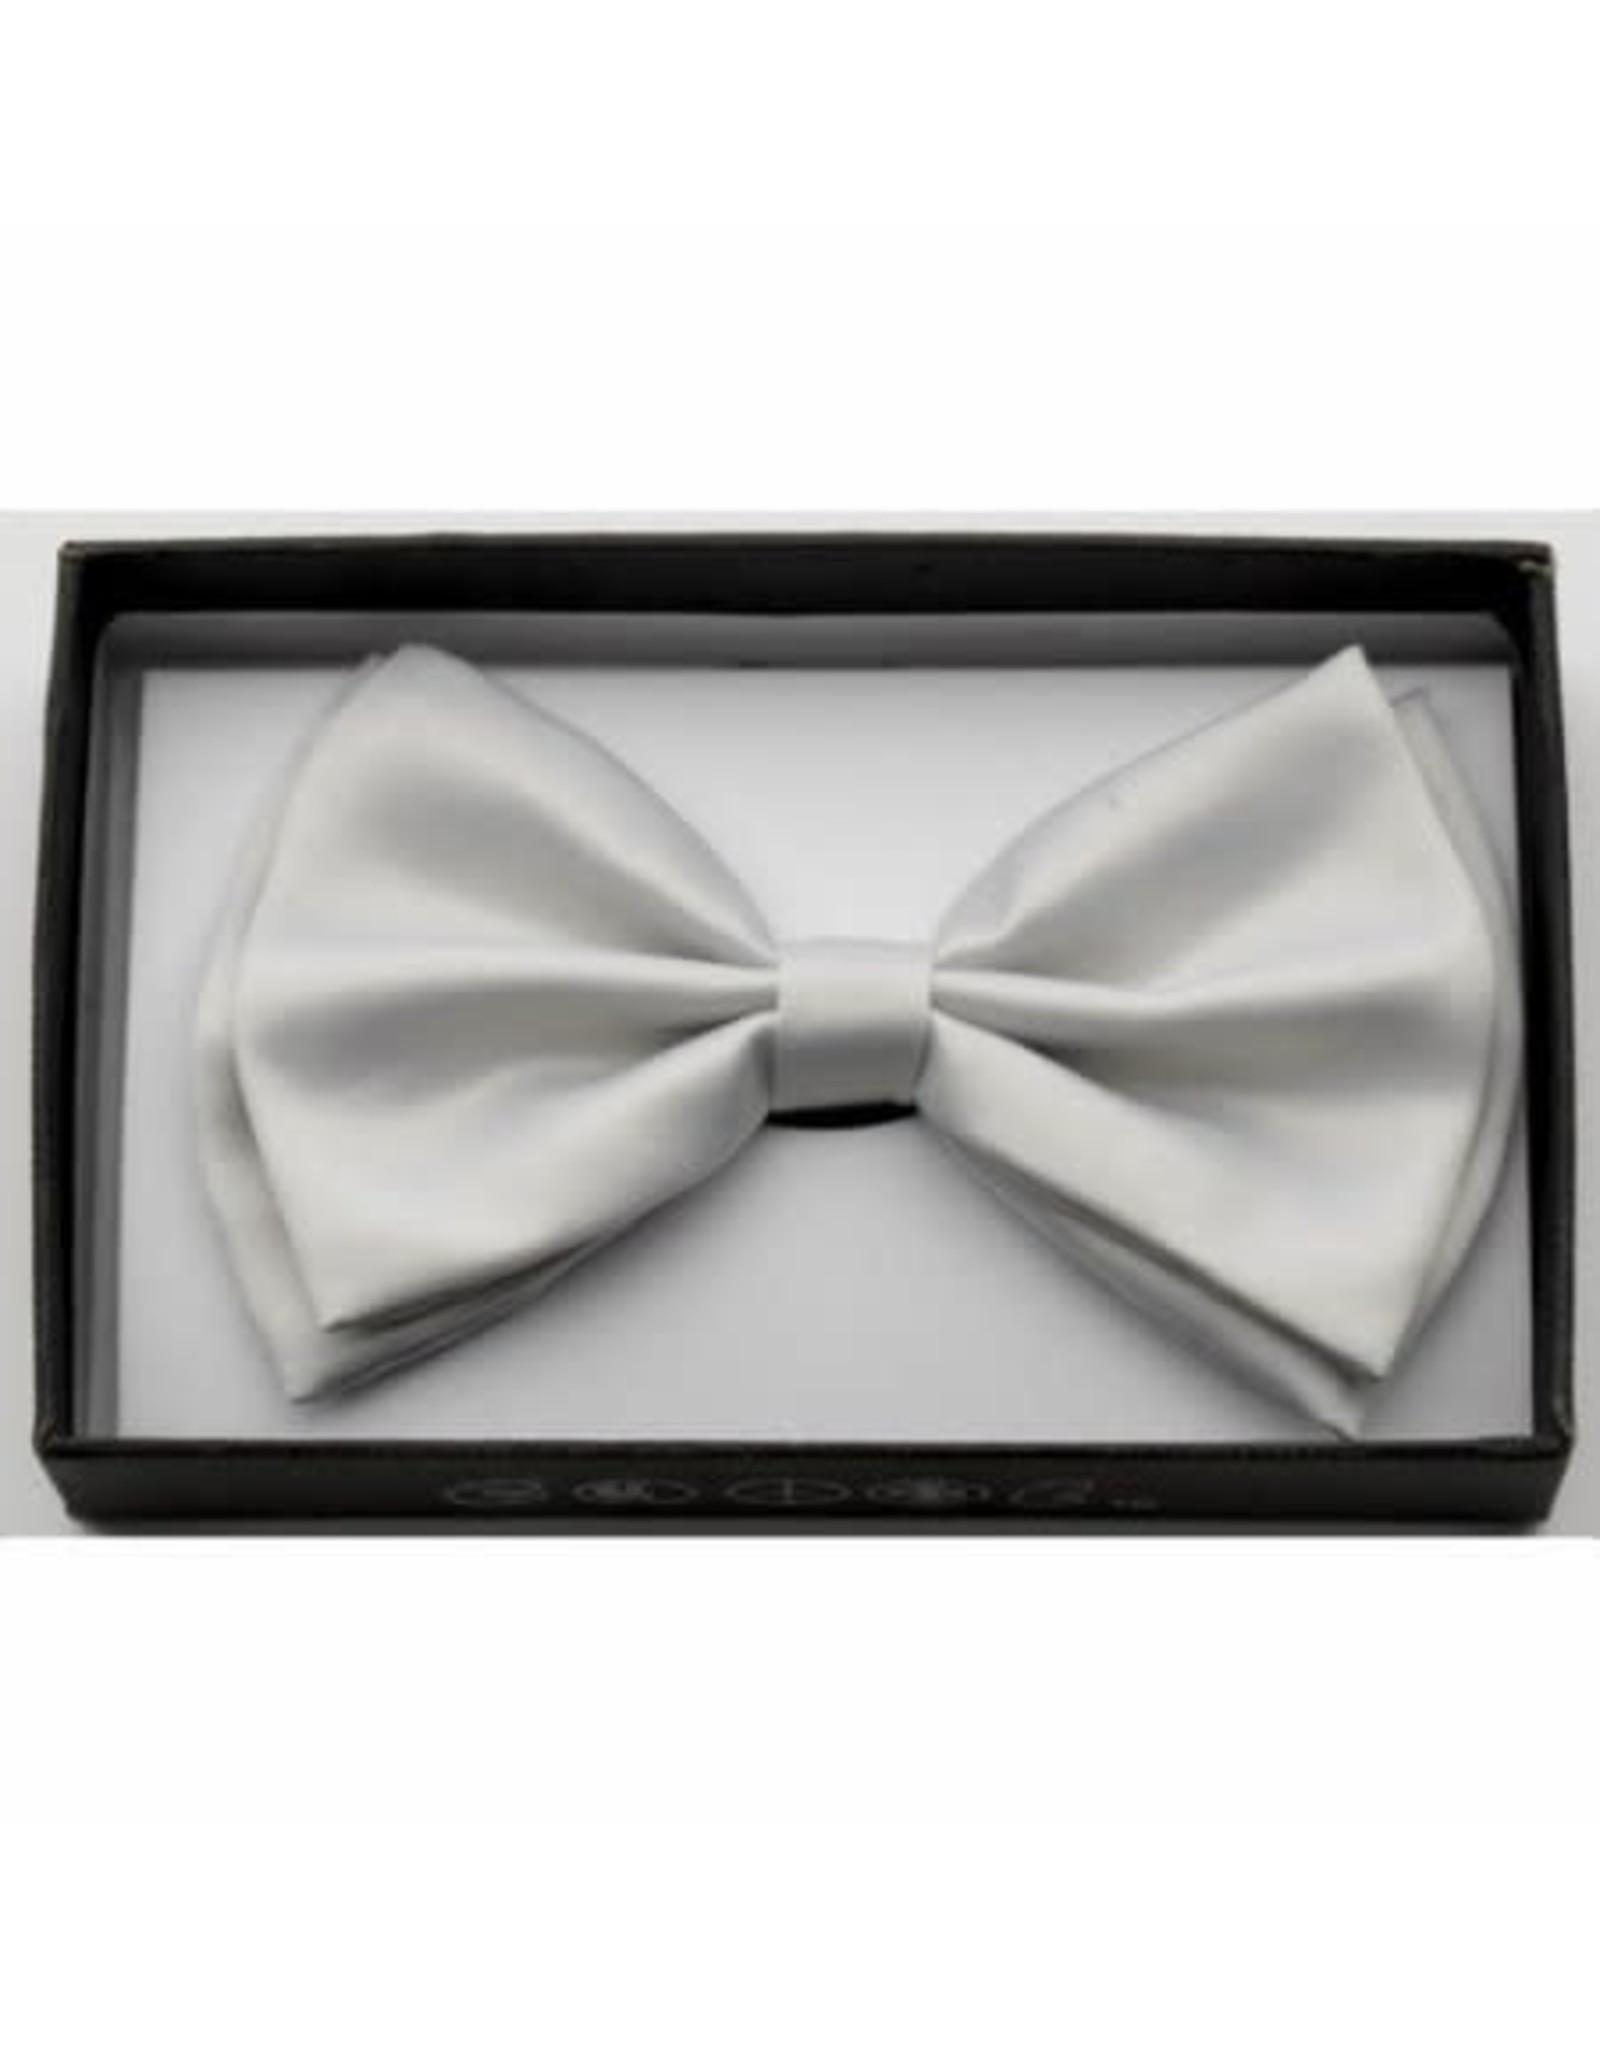 Leema Bow Tie White